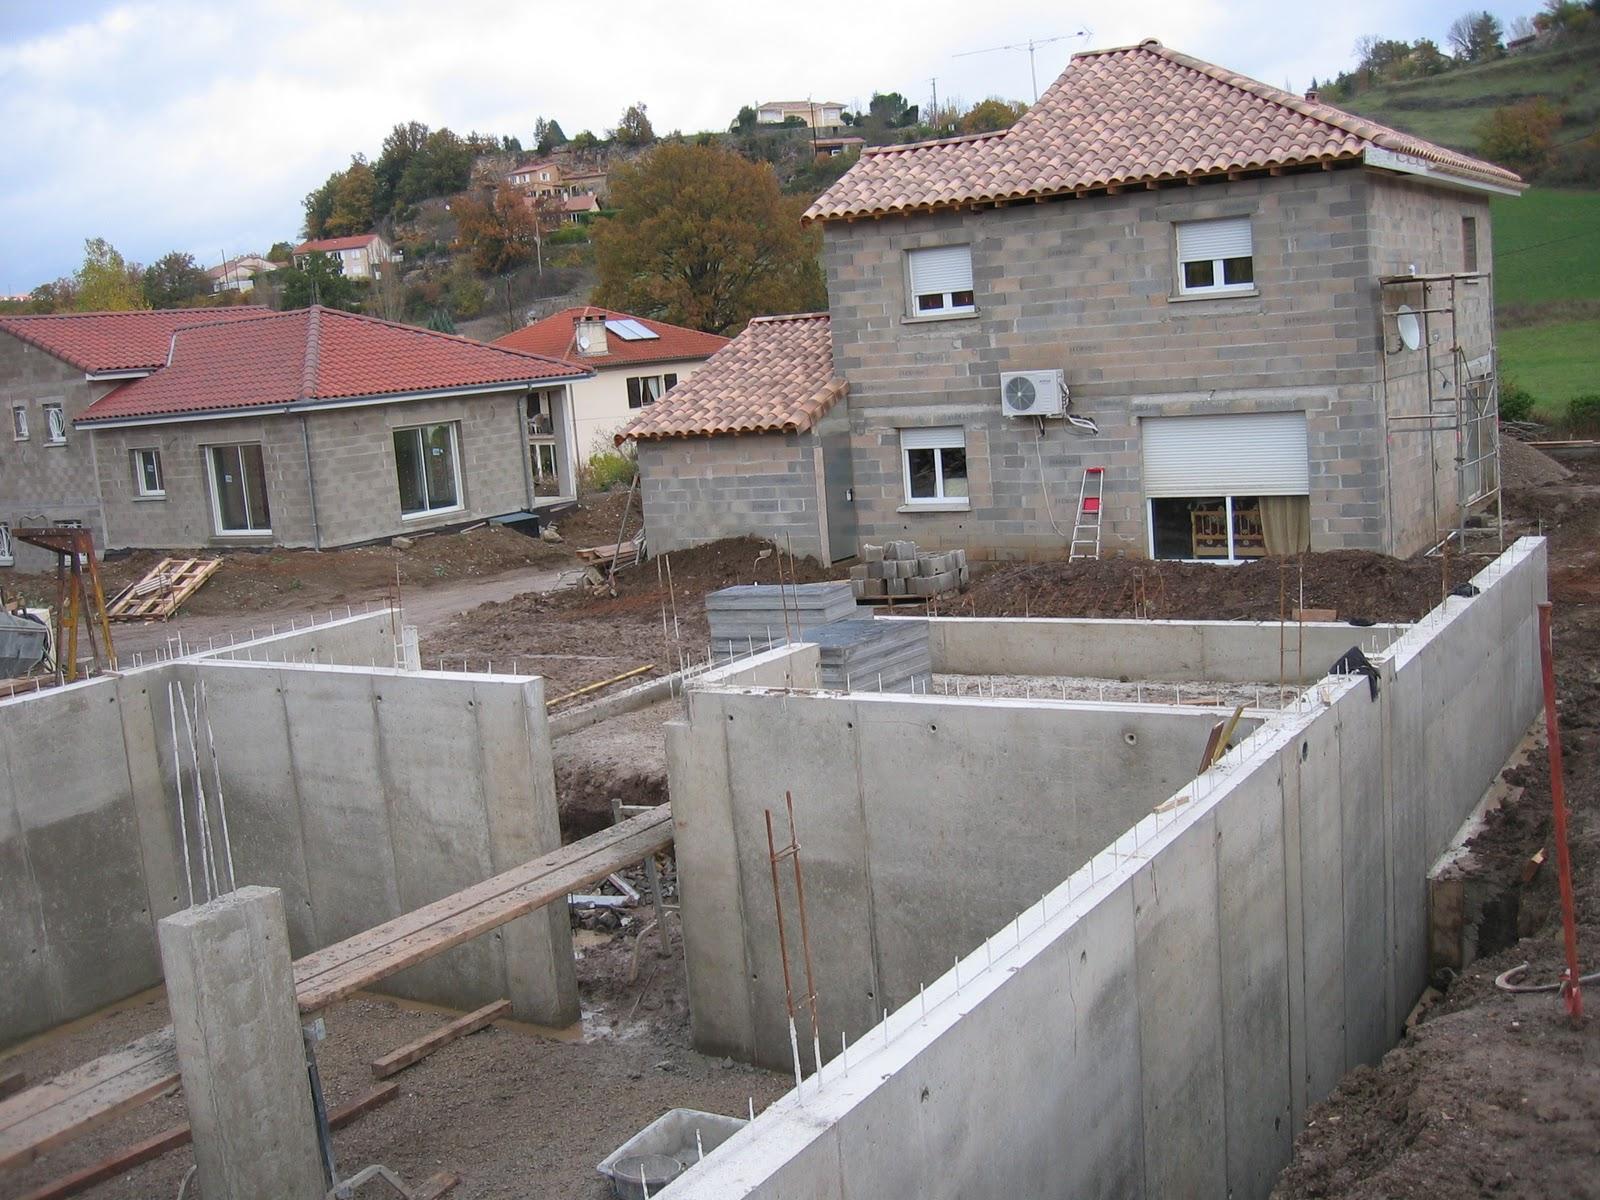 maison en beton banche notre maison en construction creissels b ton banch